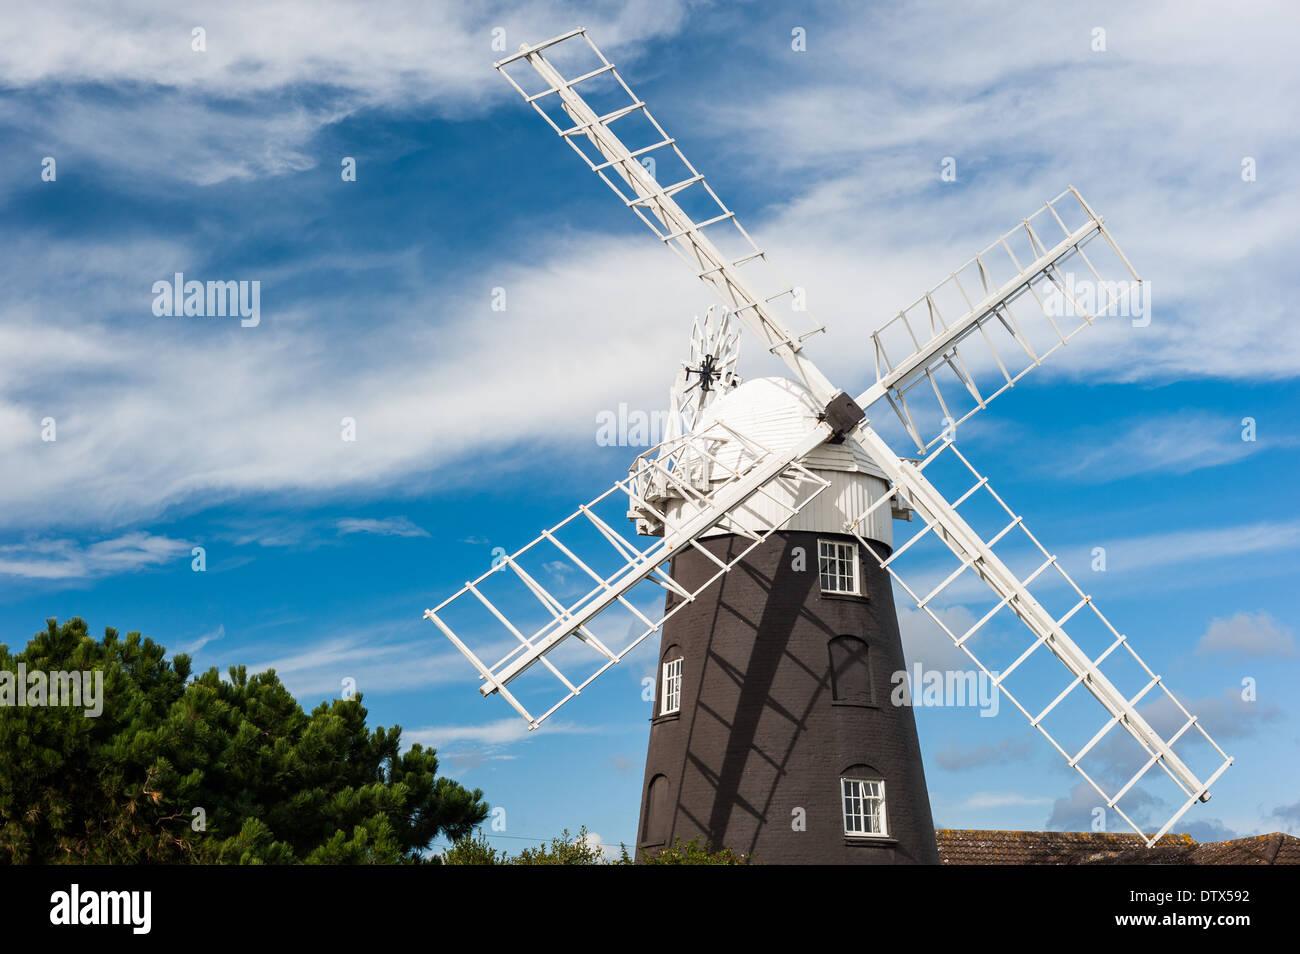 Stow windmill, Paston, Norfolk. - Stock Image